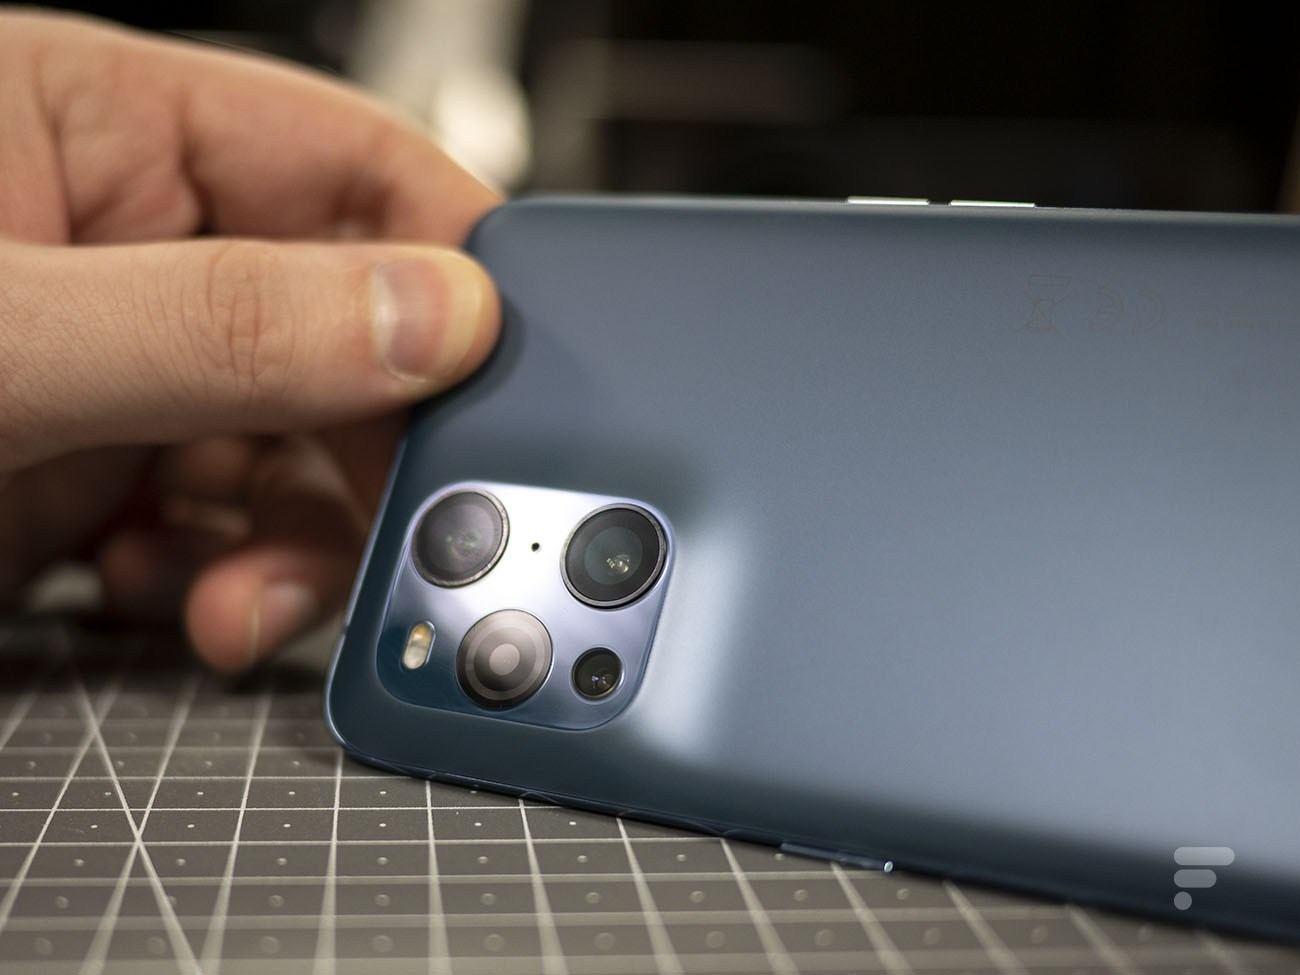 La Dacia Spring casse les prix, Lidl à l'assaut d'Apple et un microscope sur un smartphone – L'essentiel de l'actu de la semaine